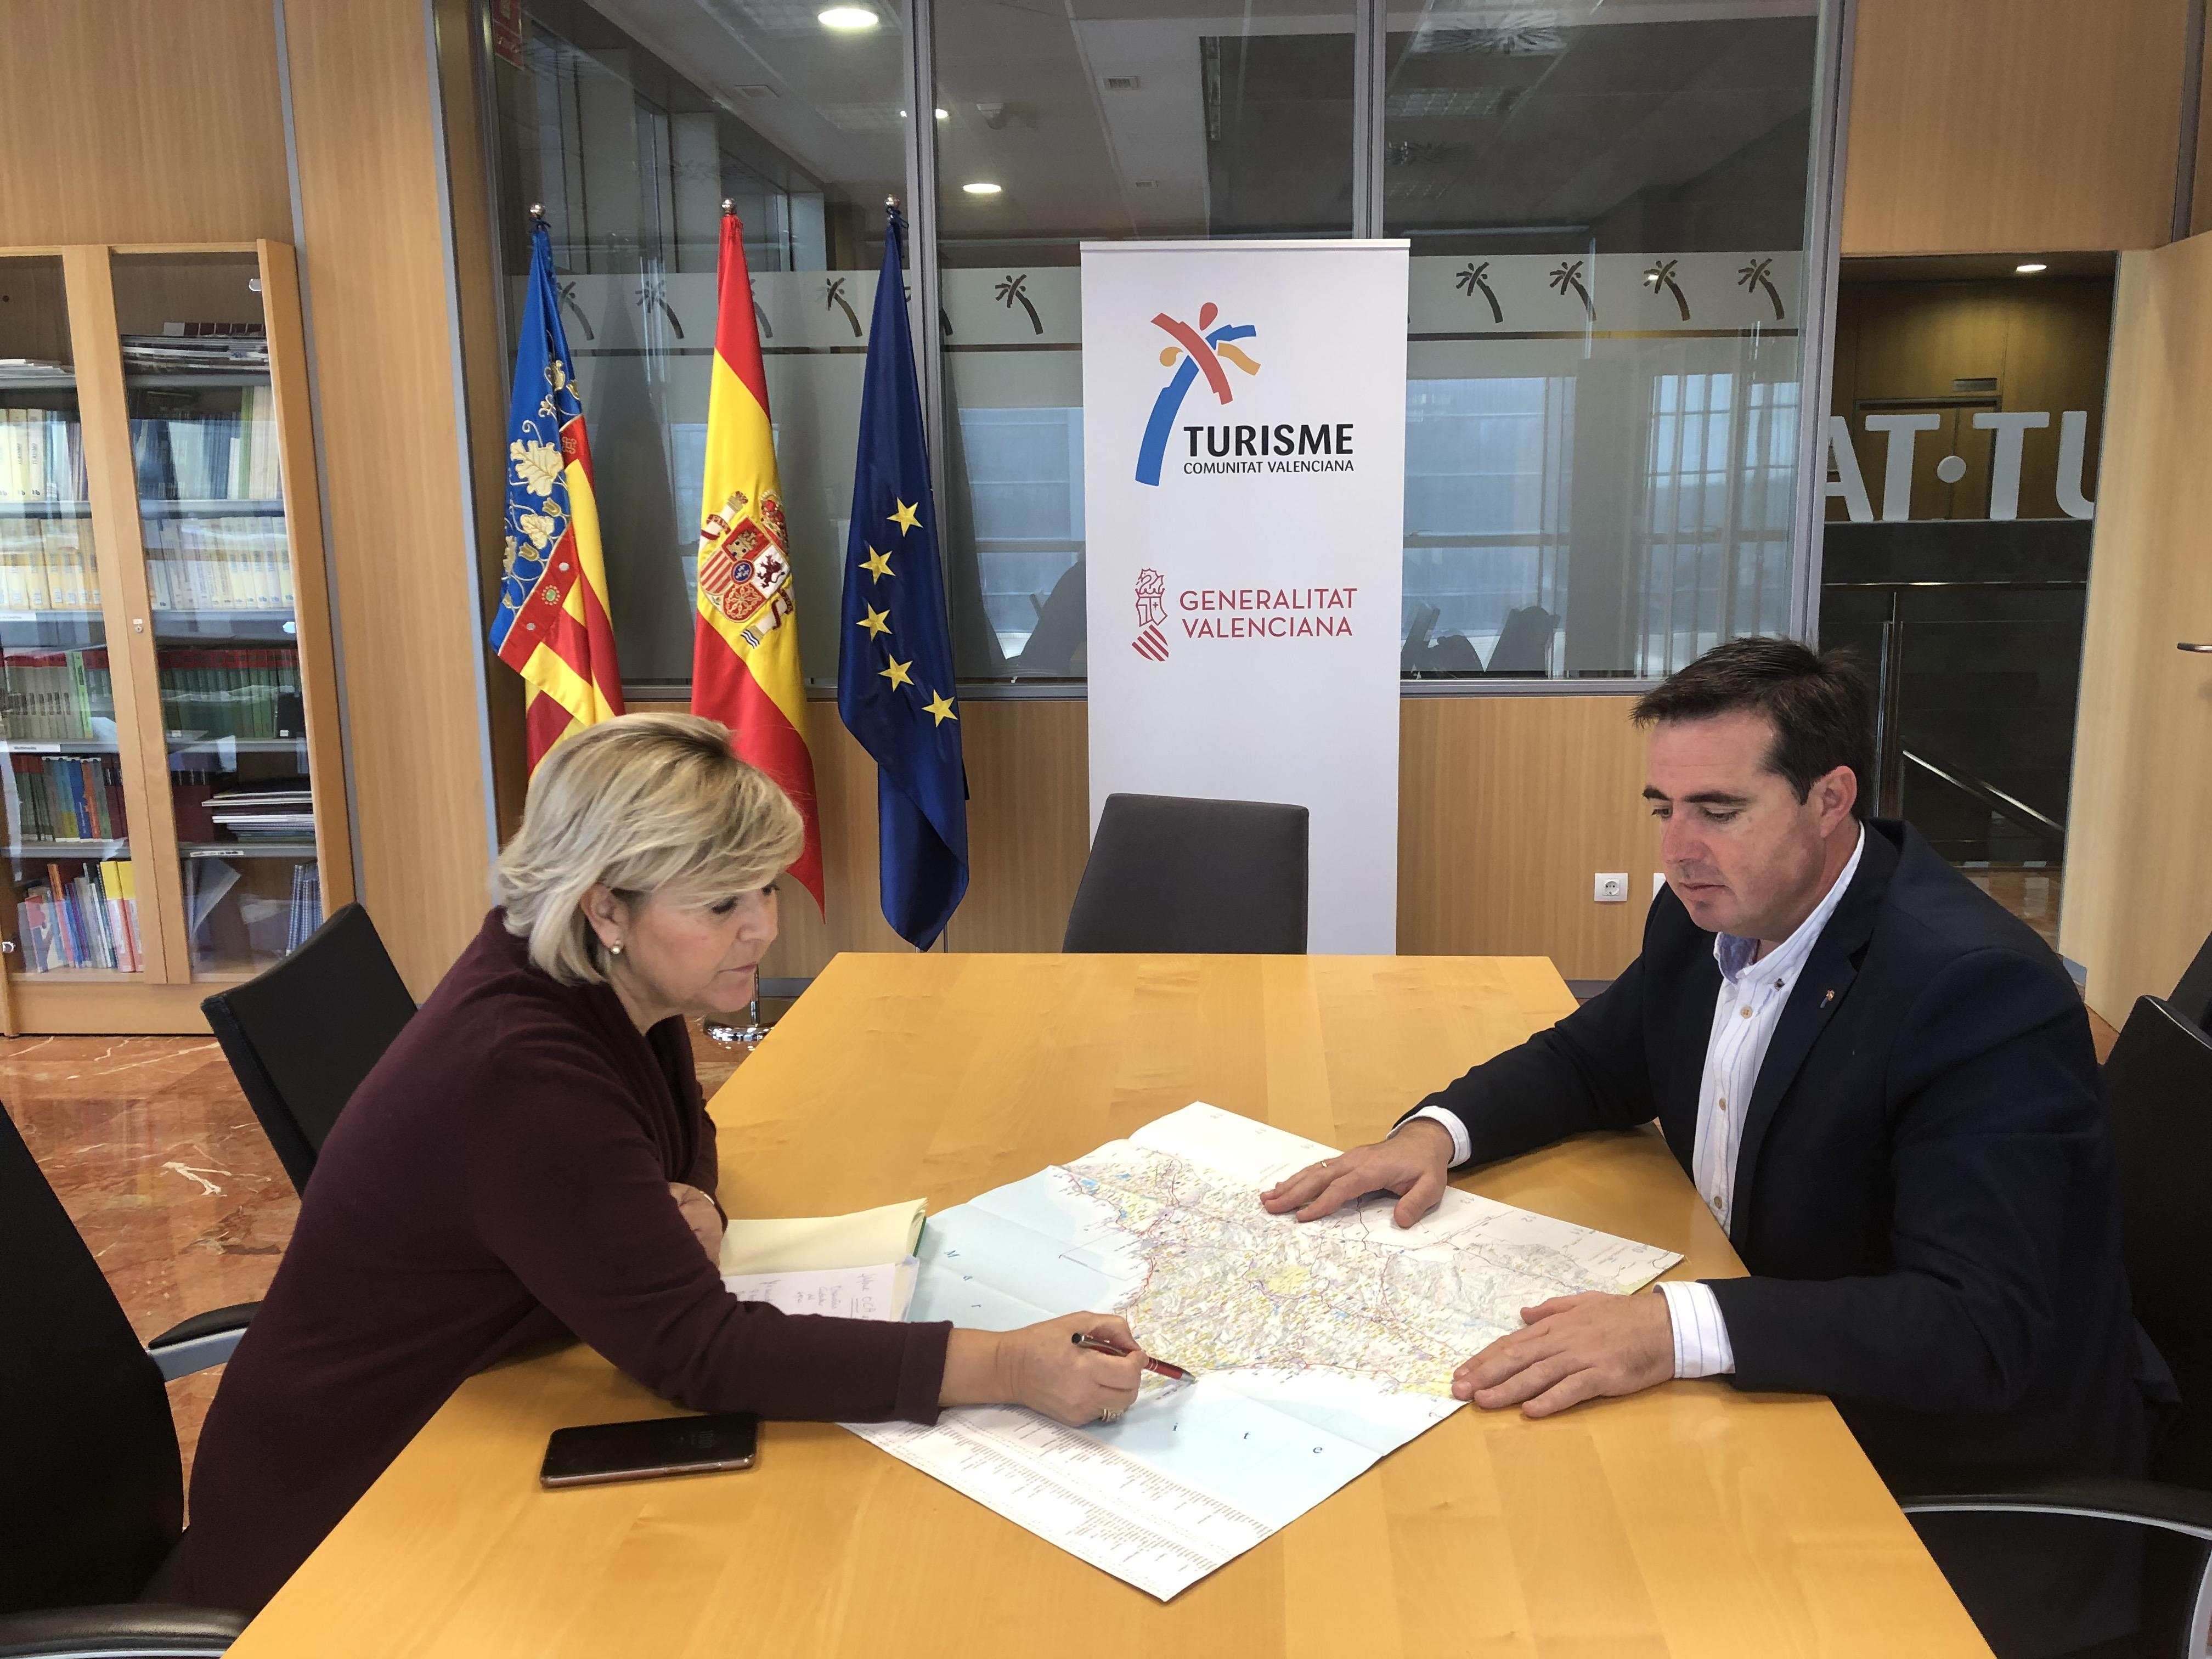 Turisme y la dirección territorial de Presidencia en Alicante coordinan acciones para la recuperación de playas y paseos marítimos